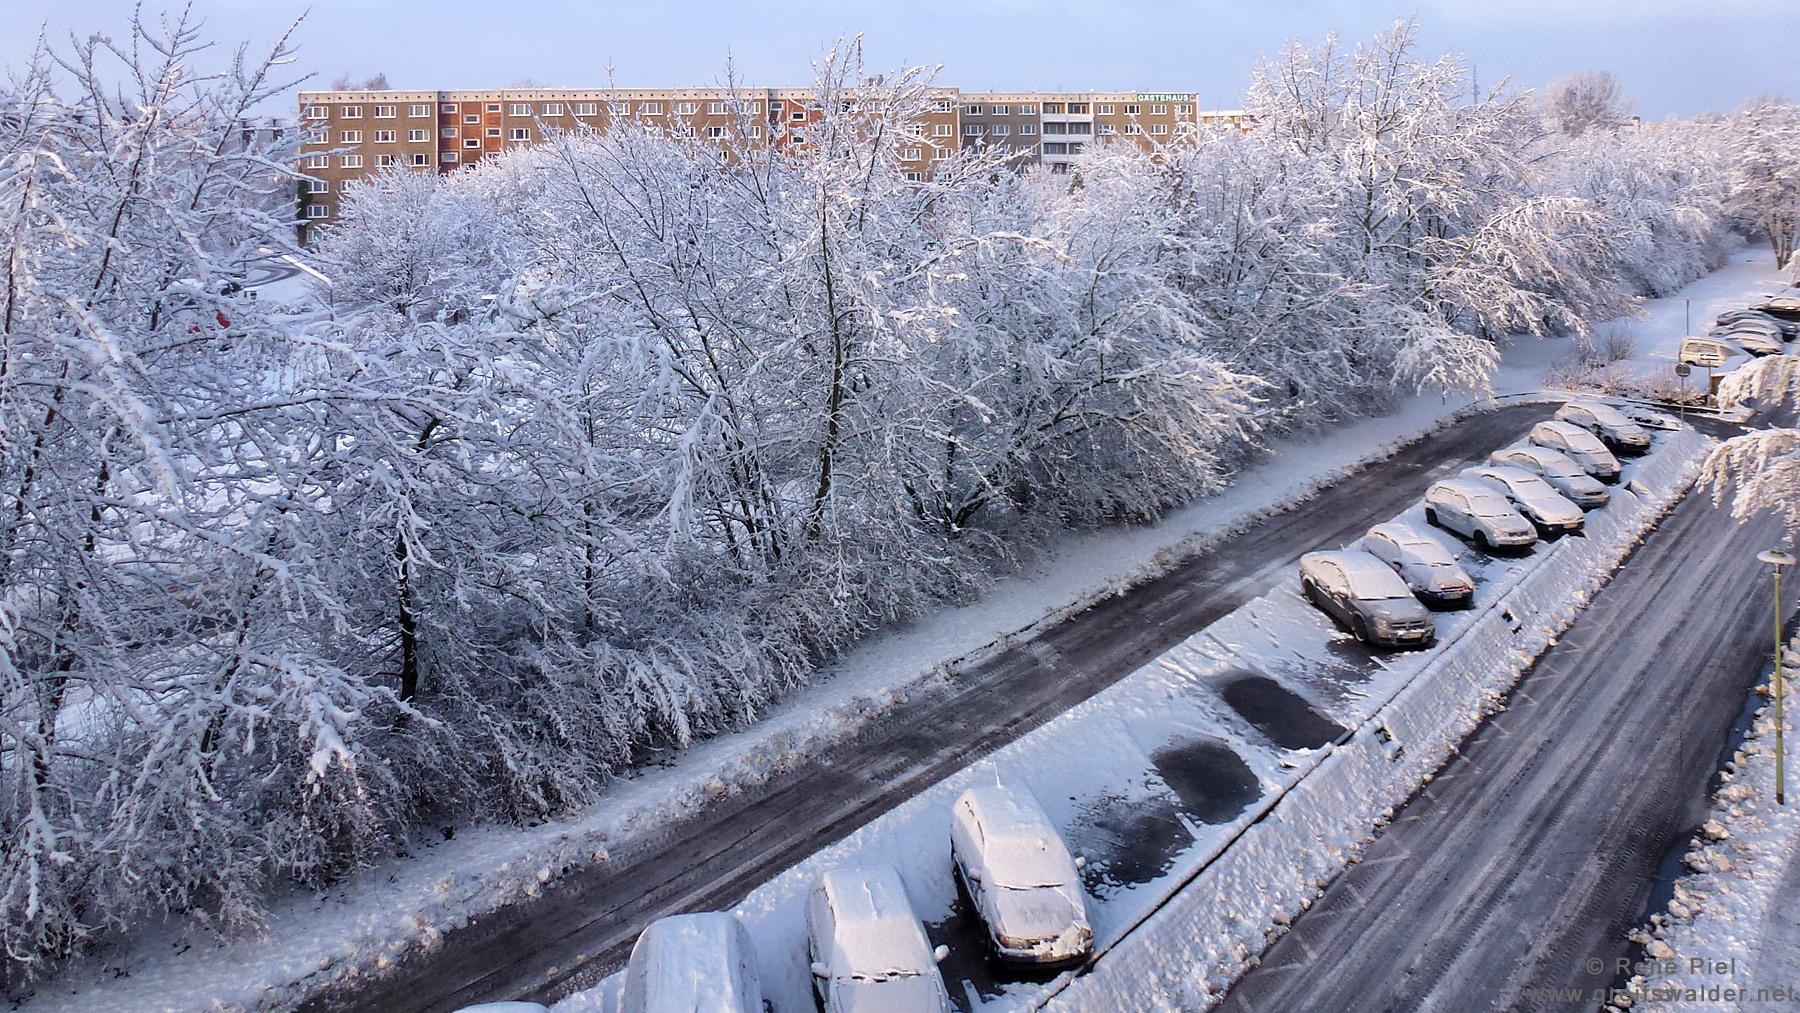 Winter 2013 in Greifswald